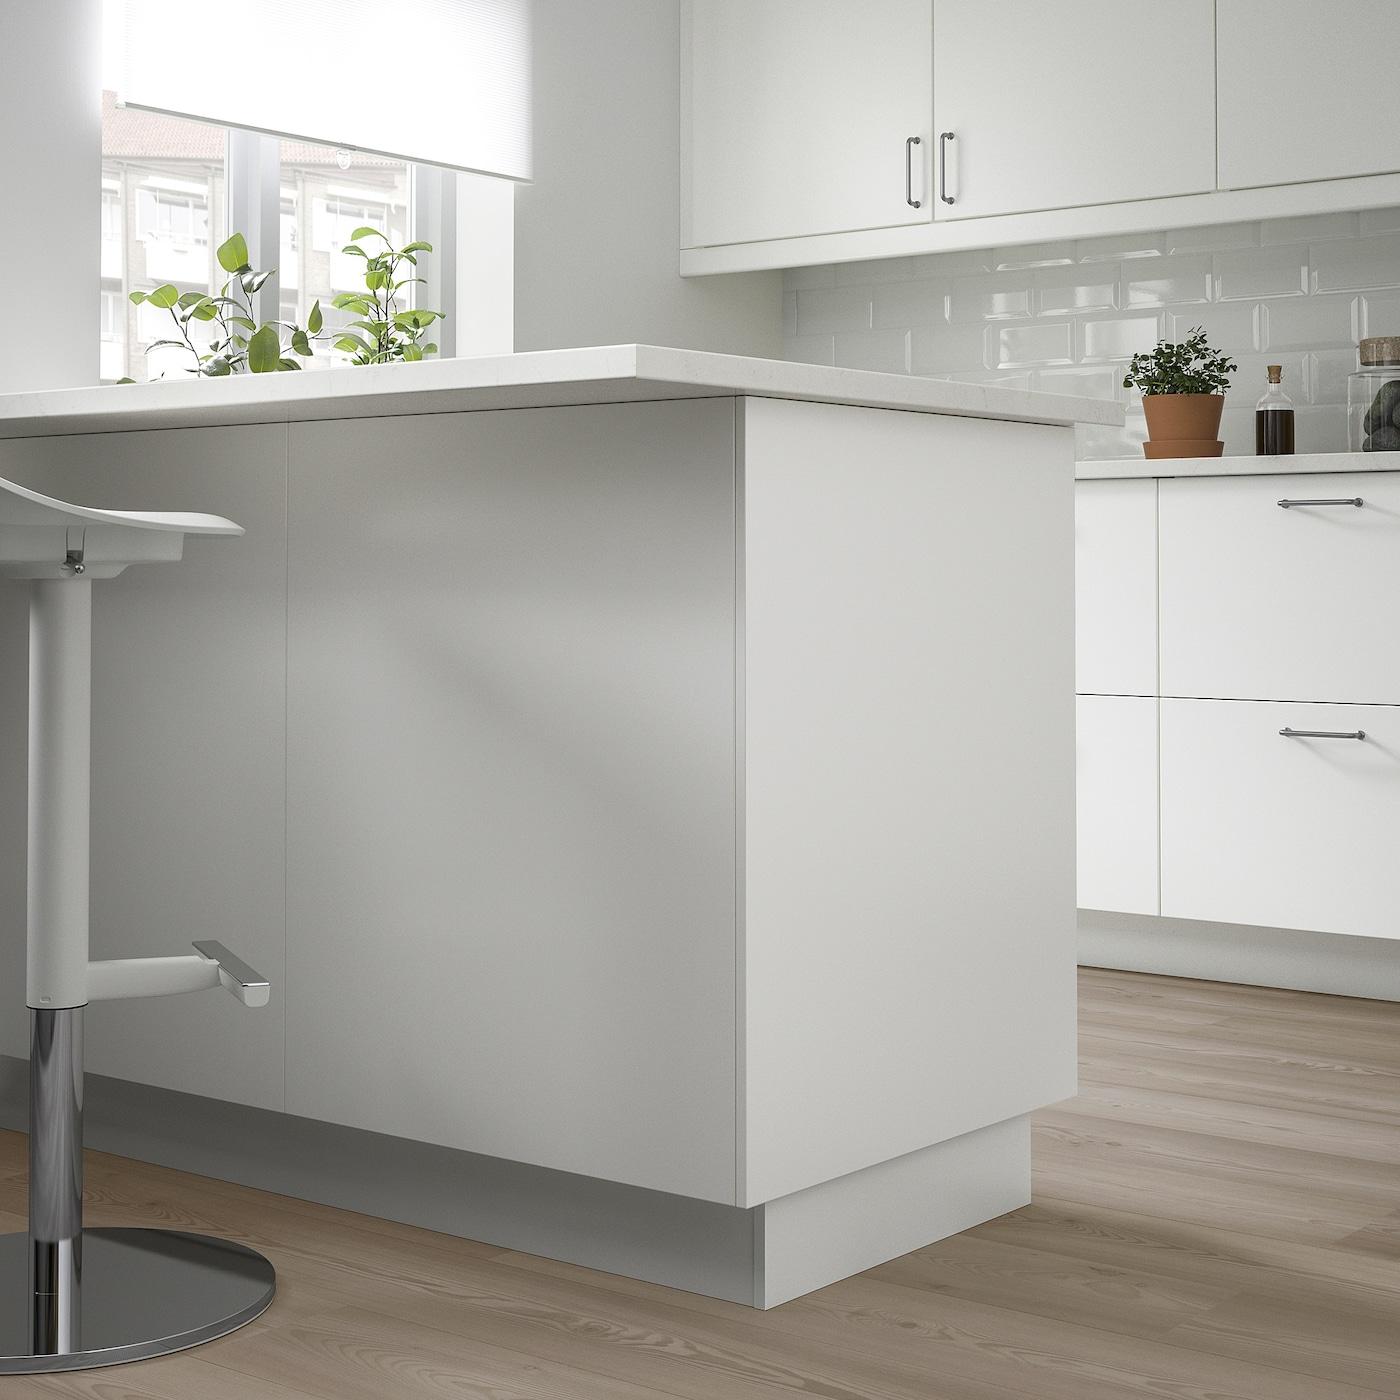 Forbattra Cover Panel White 25x30 Ikea